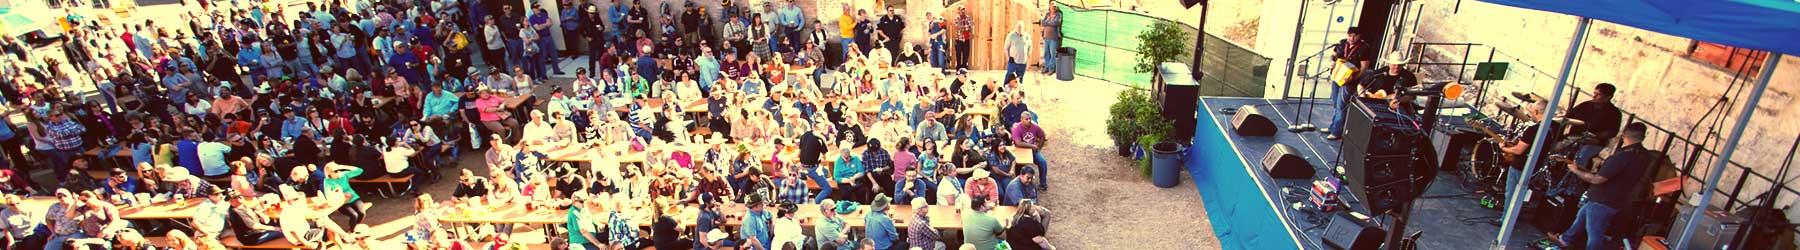 Wurstfest New Braunfels Schedule 2020 Schedule   Wurstfest